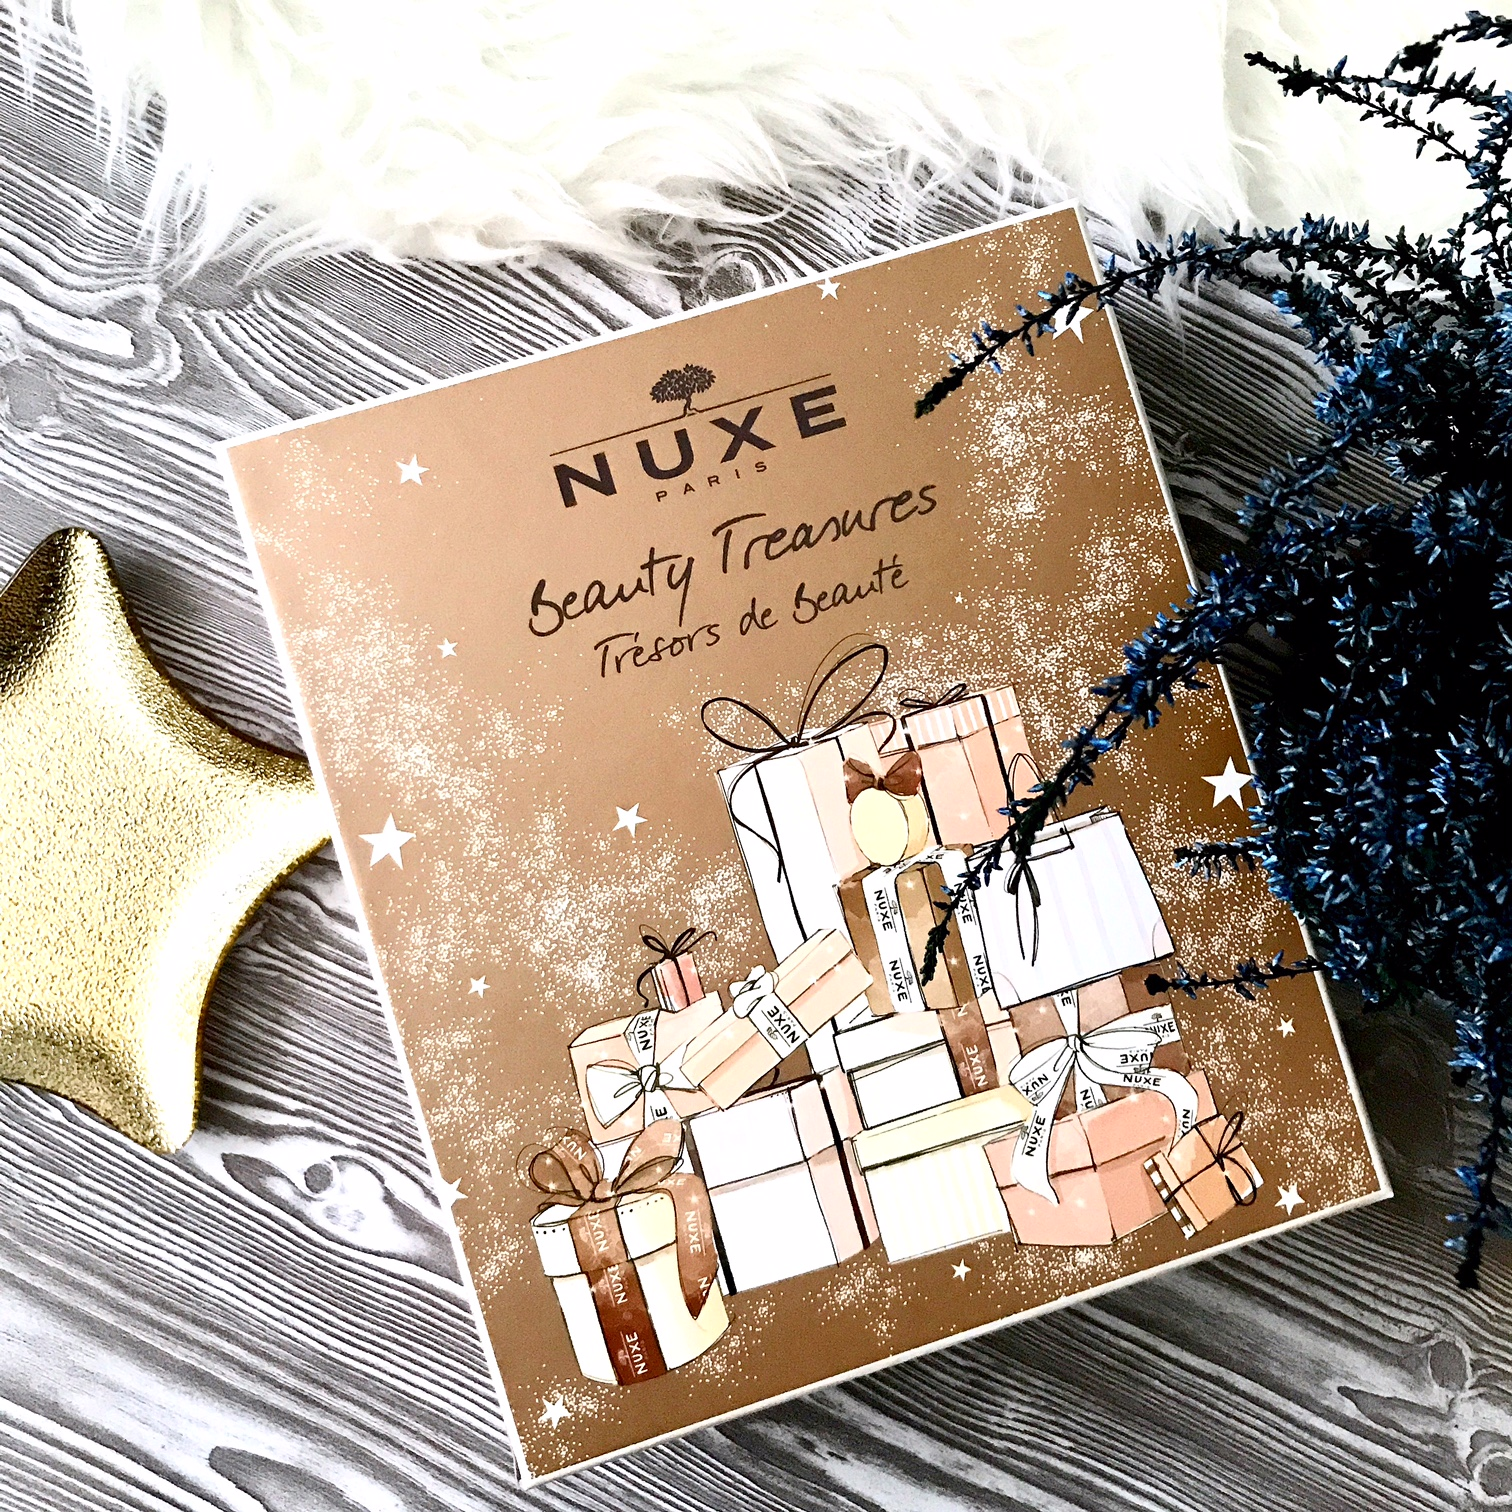 zdjęcie przedstawiające kalendarz adwentowy Nuxe